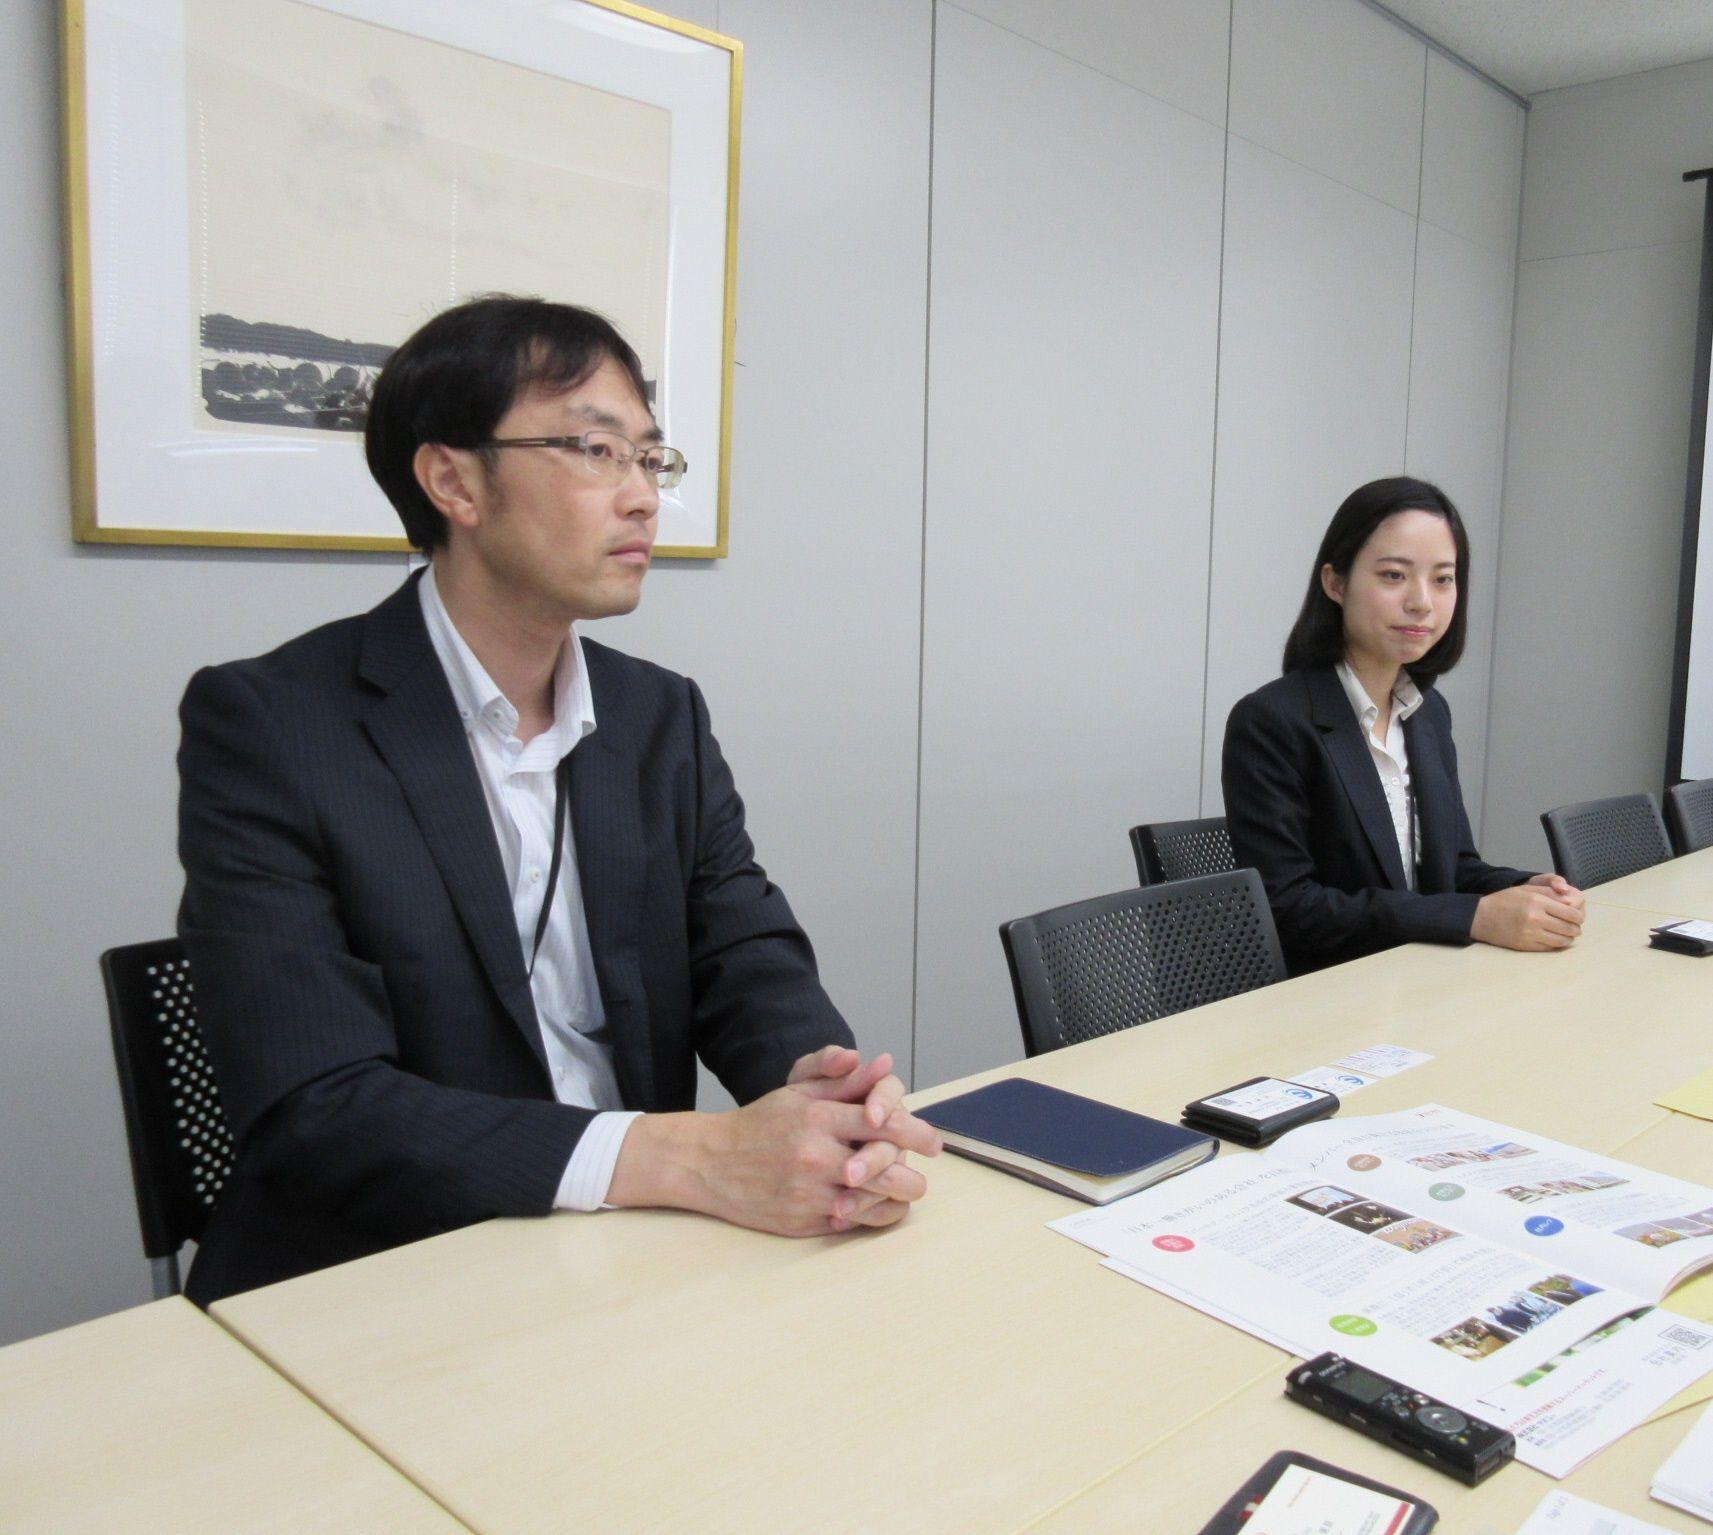 人事部 石井孝弘さん、田中美咲さん